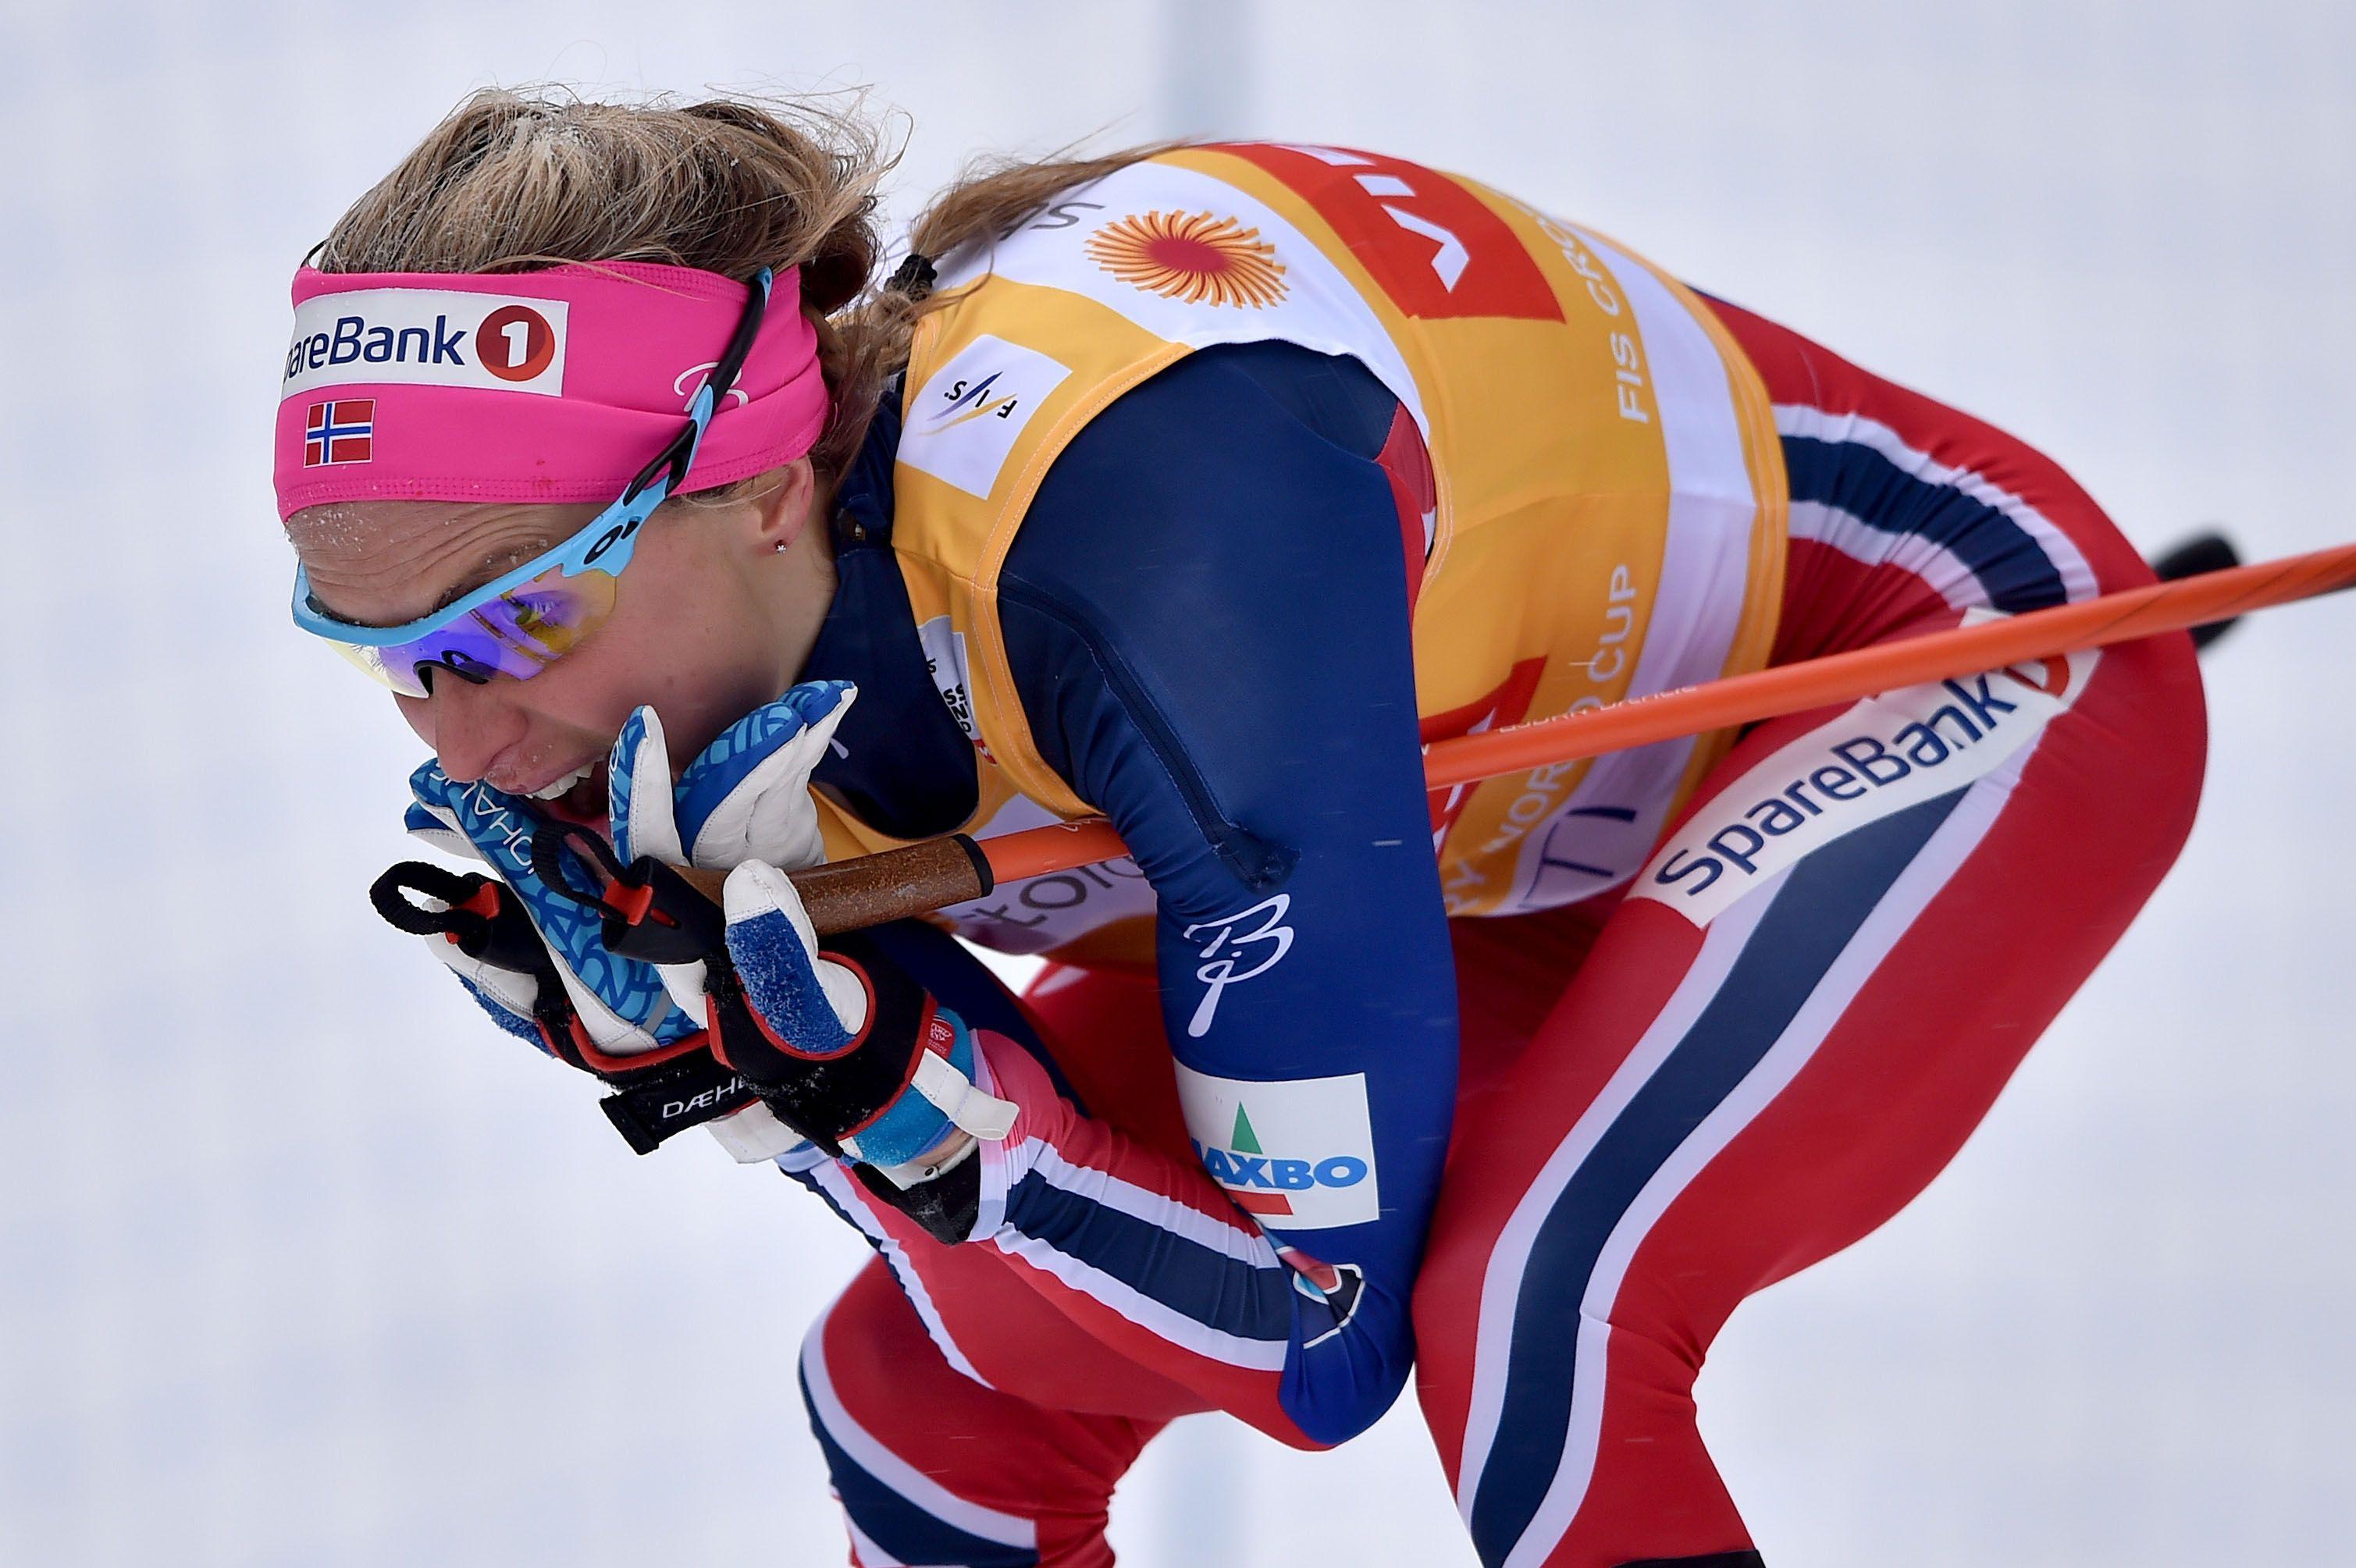 Sports d'hiver - Johaug positive, nouveau coup de tonnerre dans le ski norvégien